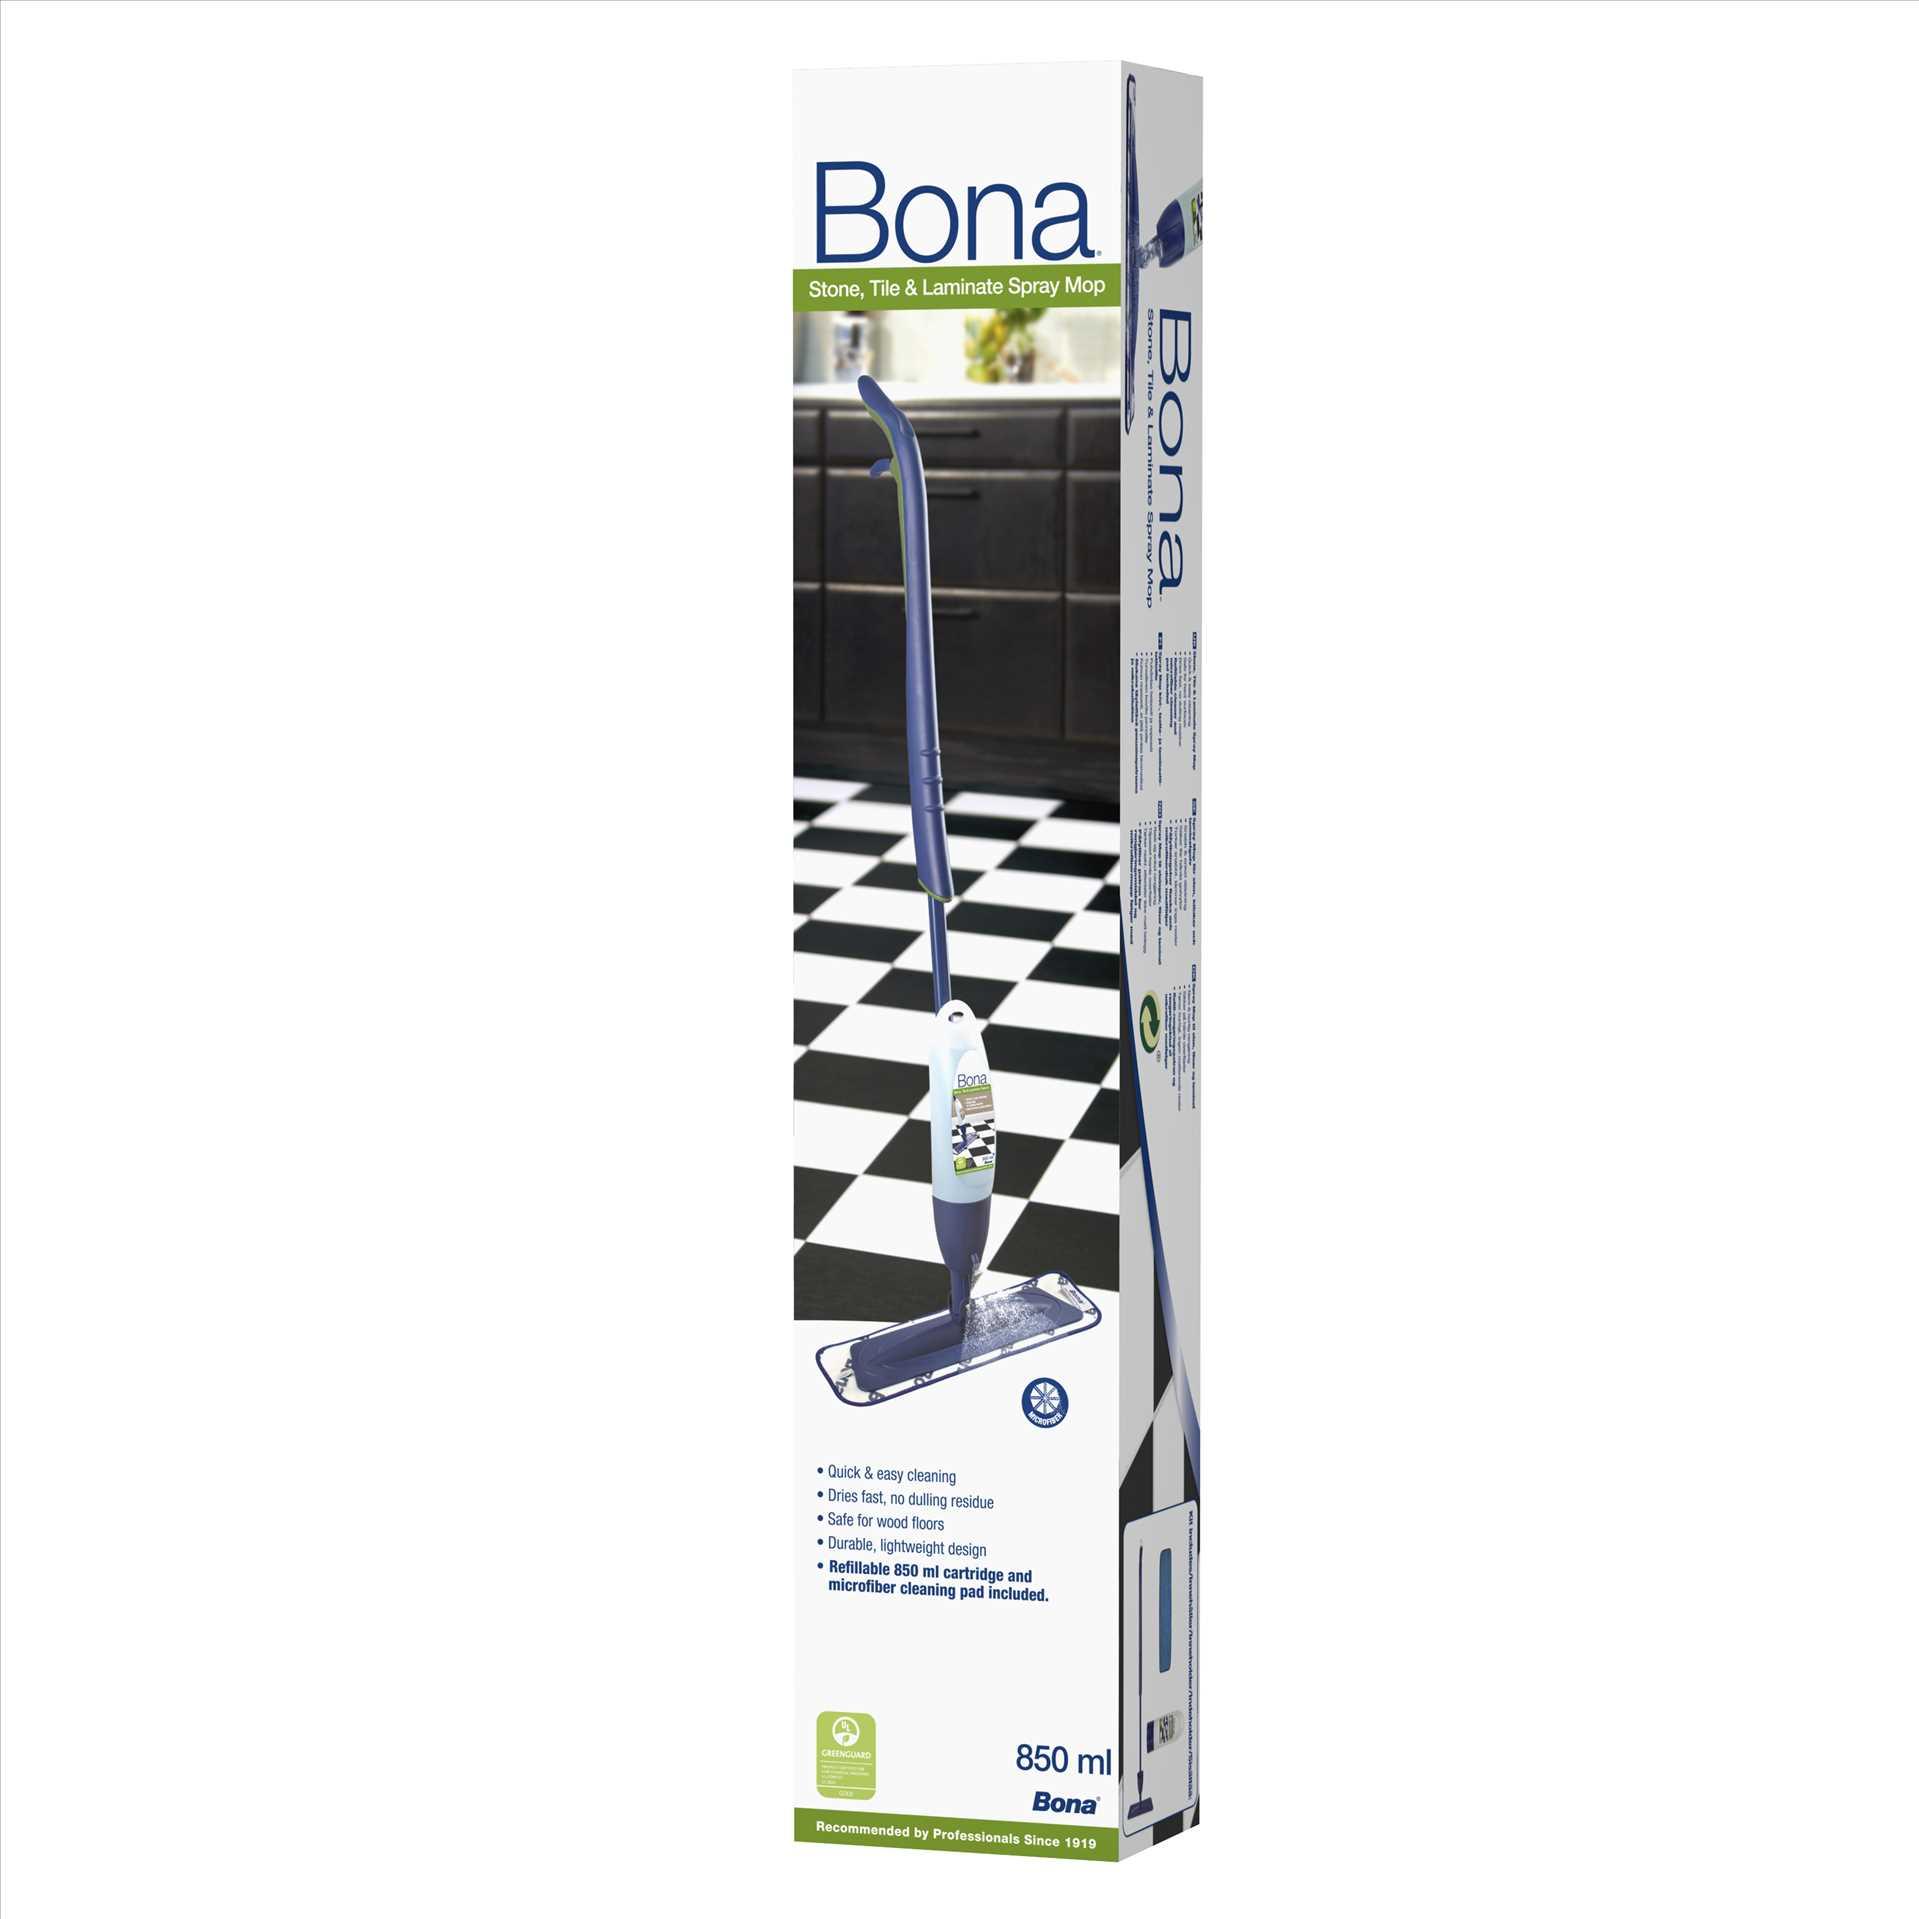 ספריי-מופ  - מנקה רצפות עץ אריחים ולמינציה מבית BONA - תמונה 2